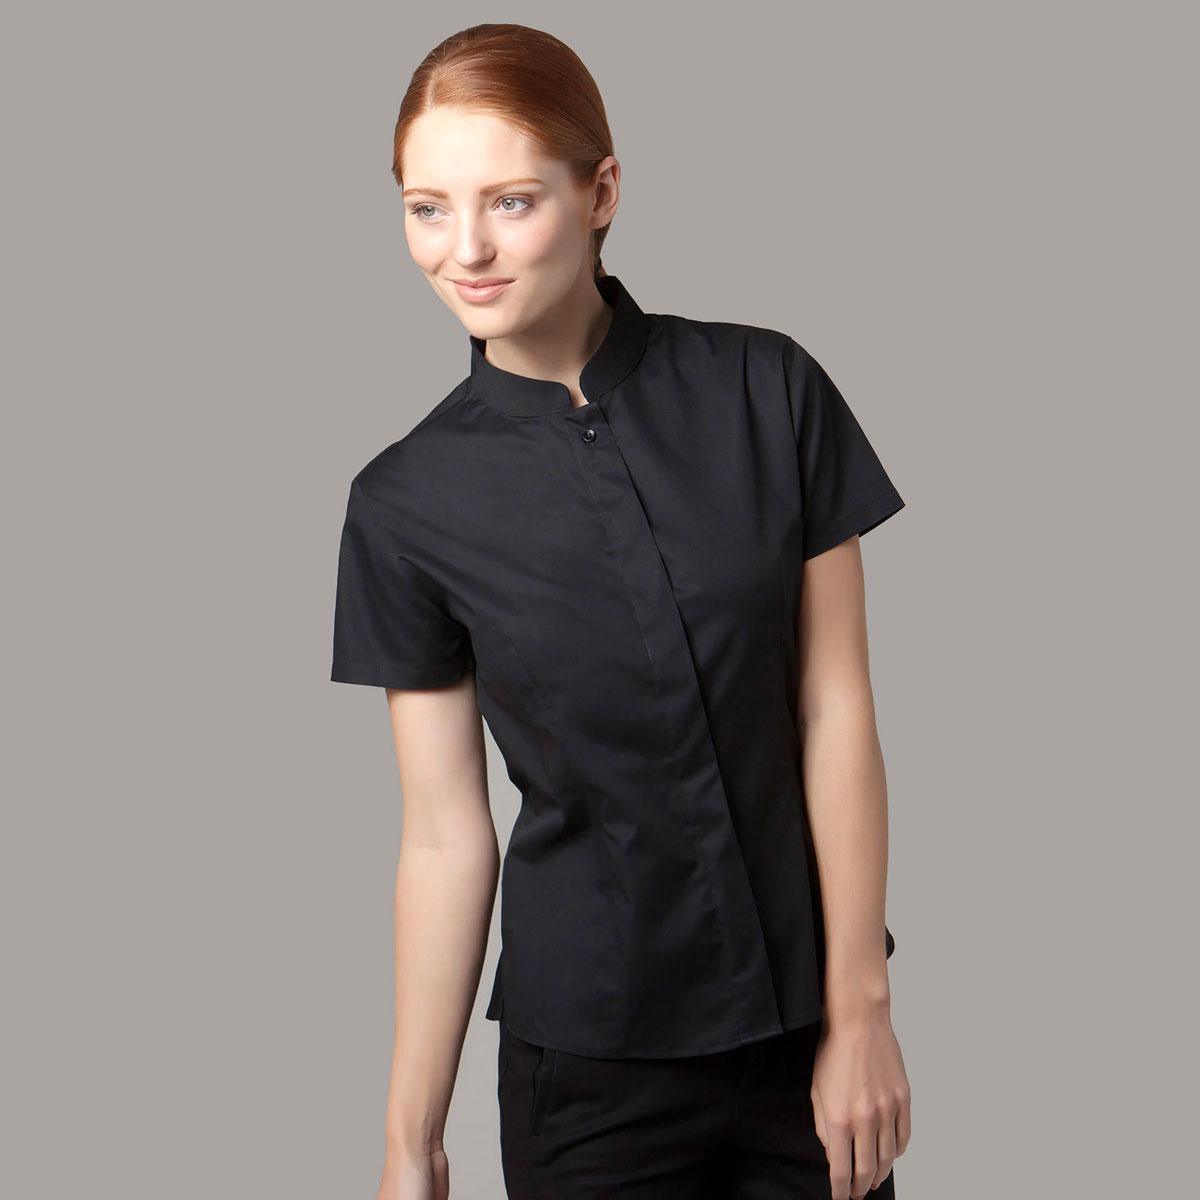 Lades Mandarin Collar Bar Shirt ShortSleeve - KK736